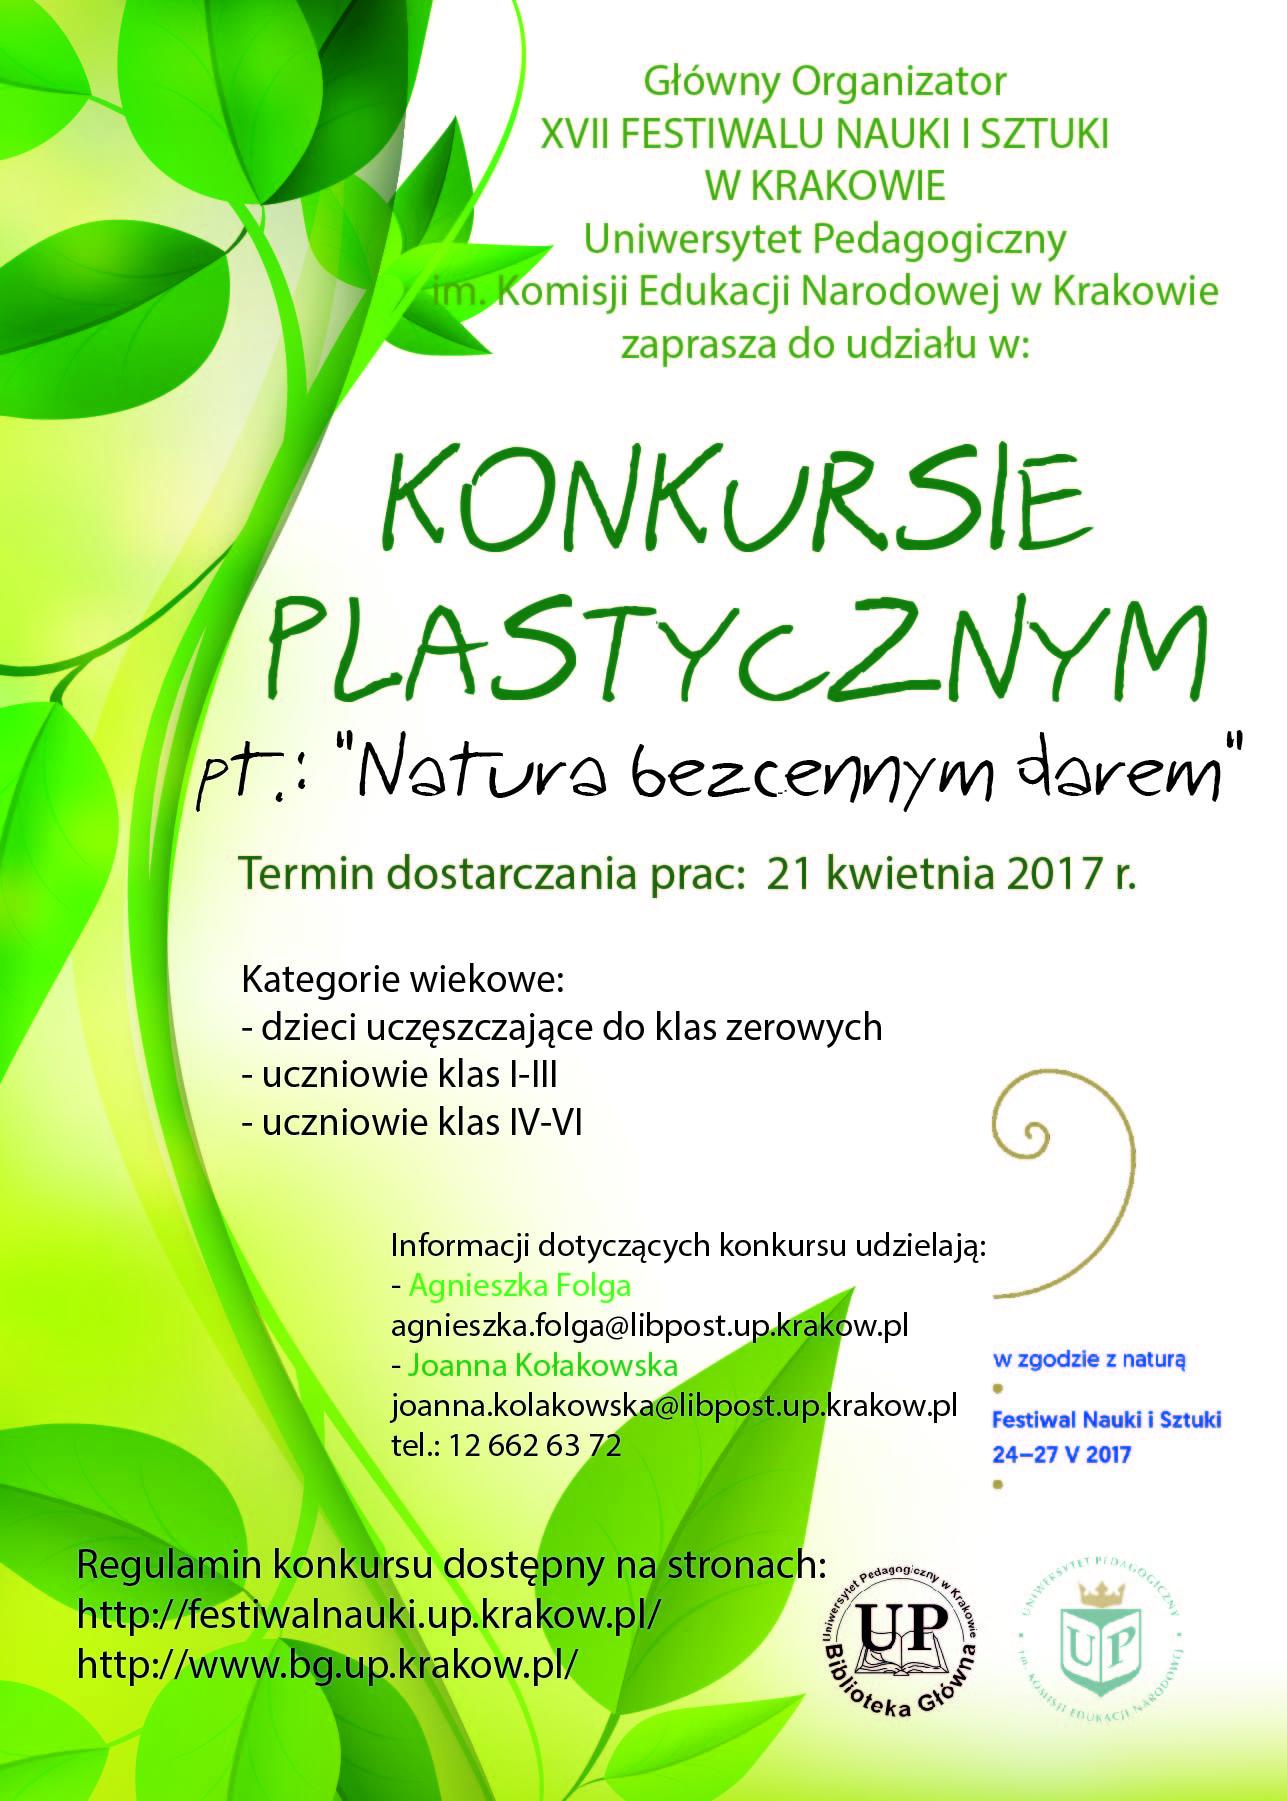 konkurs plastyczny - Natura bezcennym darem